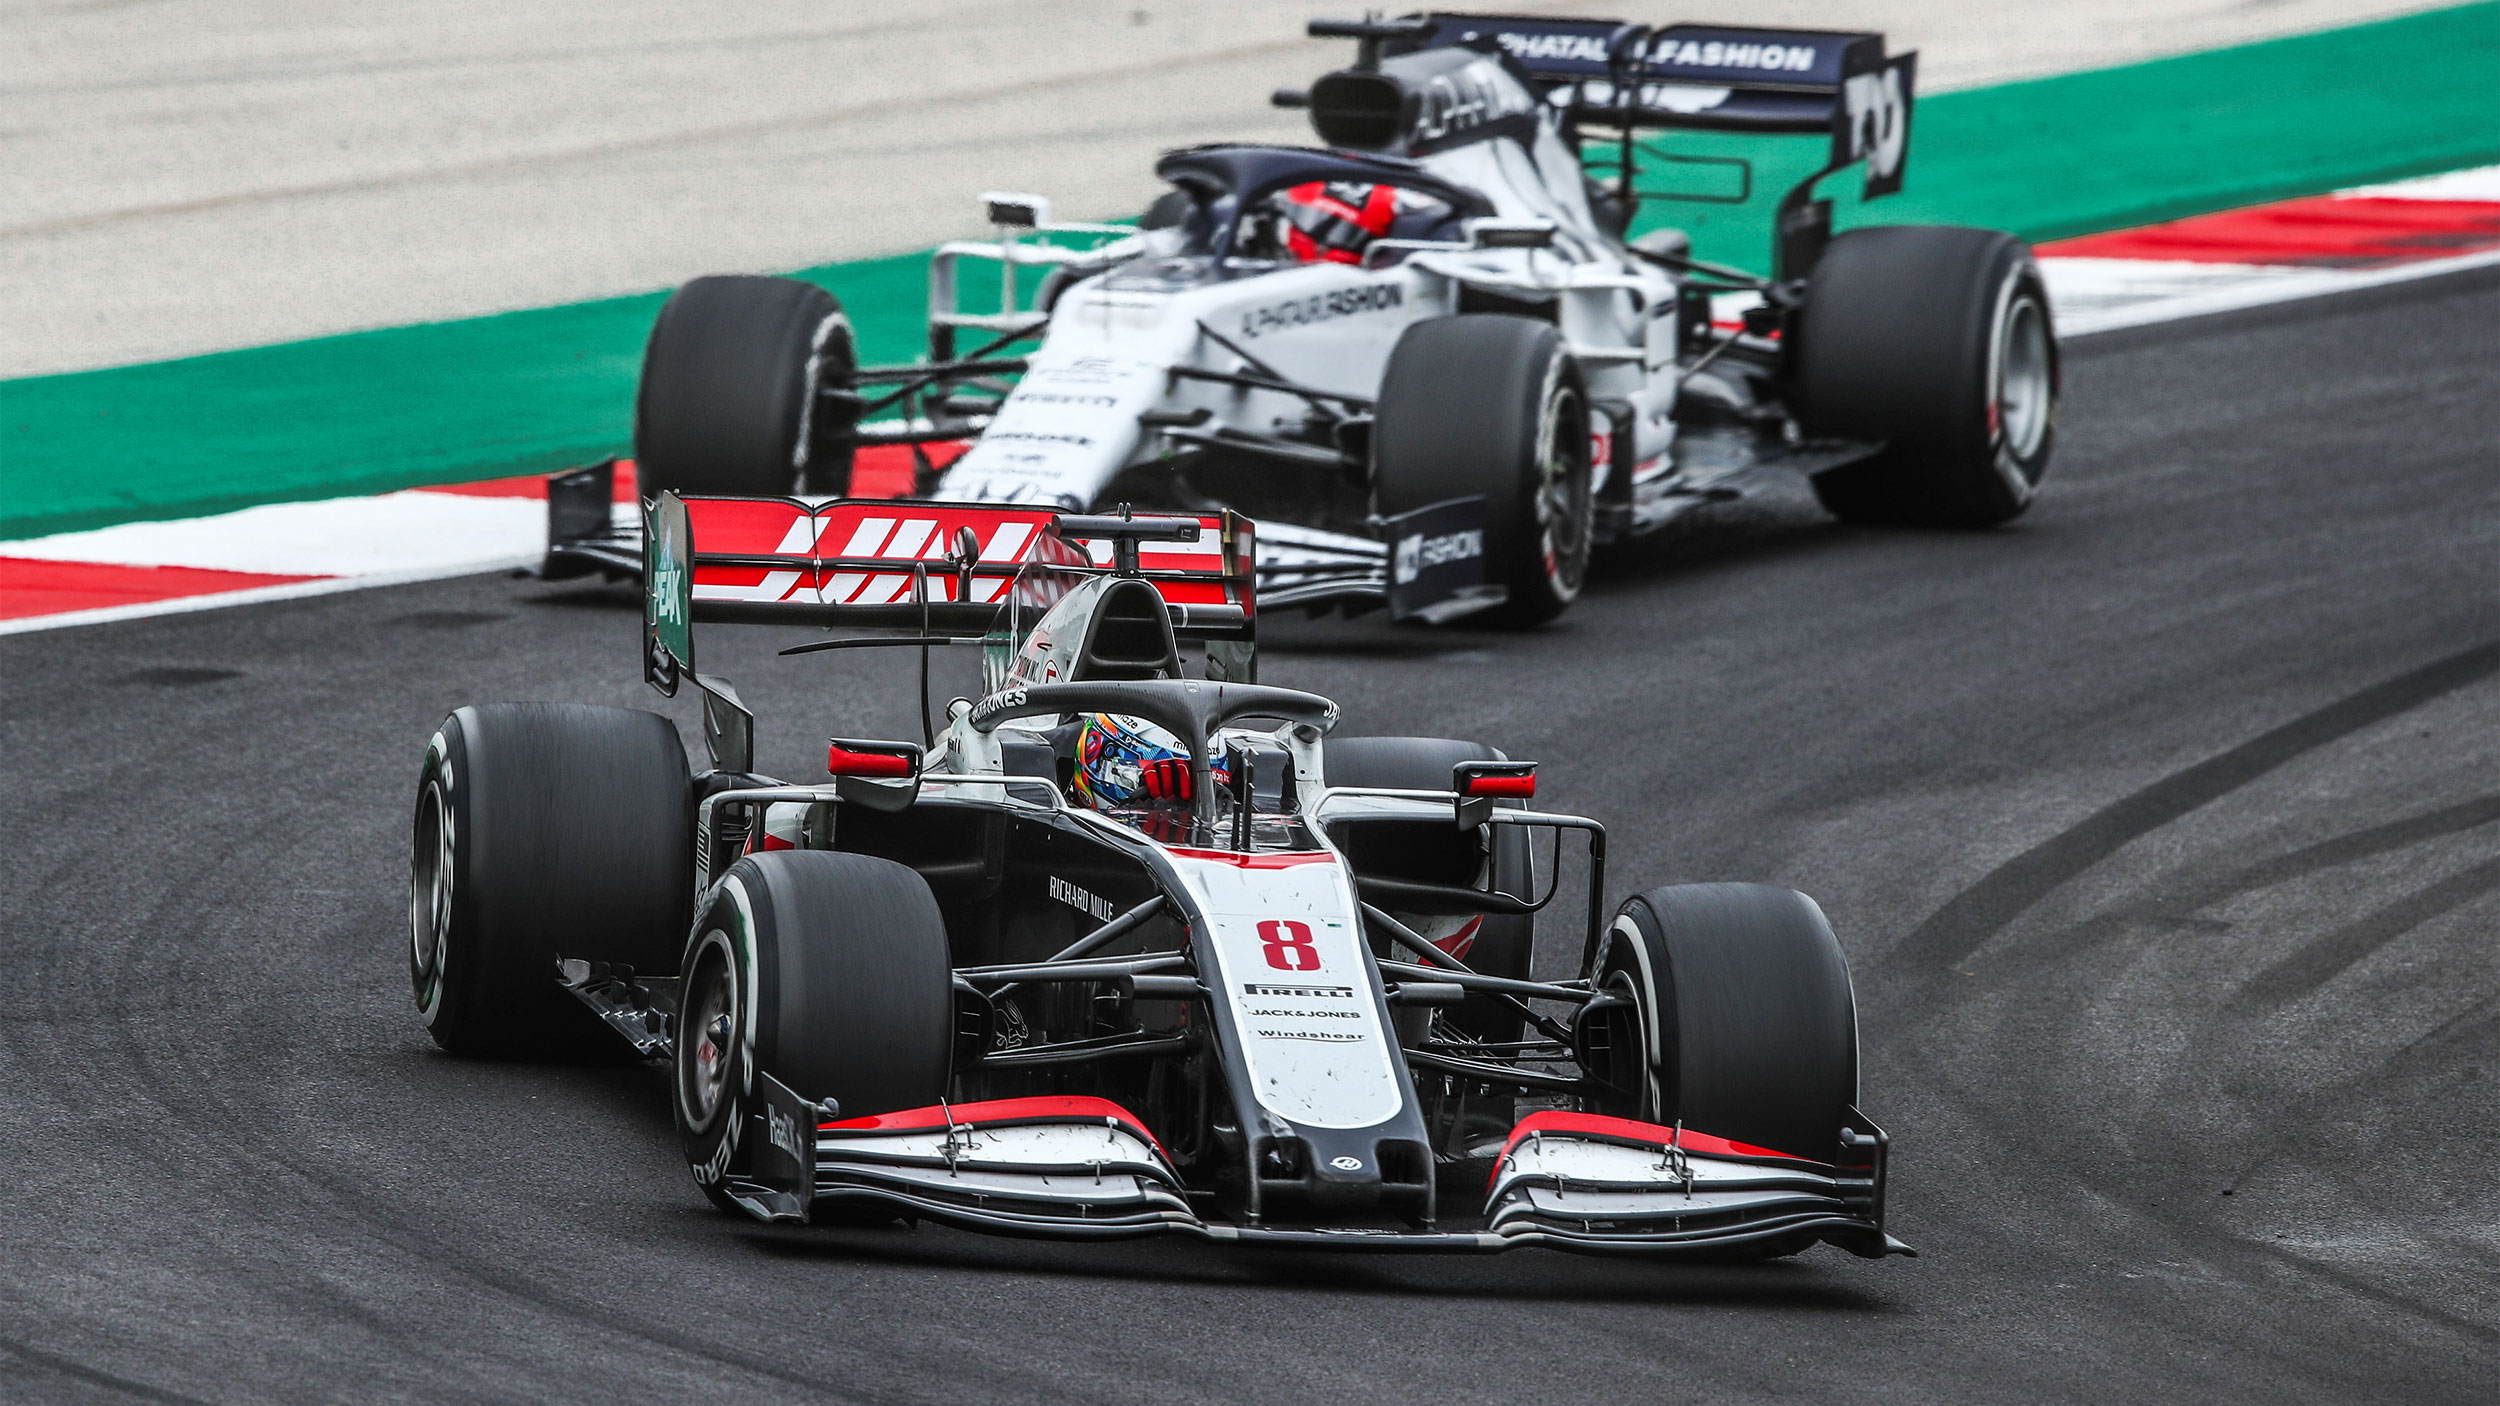 Большие деньги и высокие технологии. Как защищены гонщики 'Формулы-1'